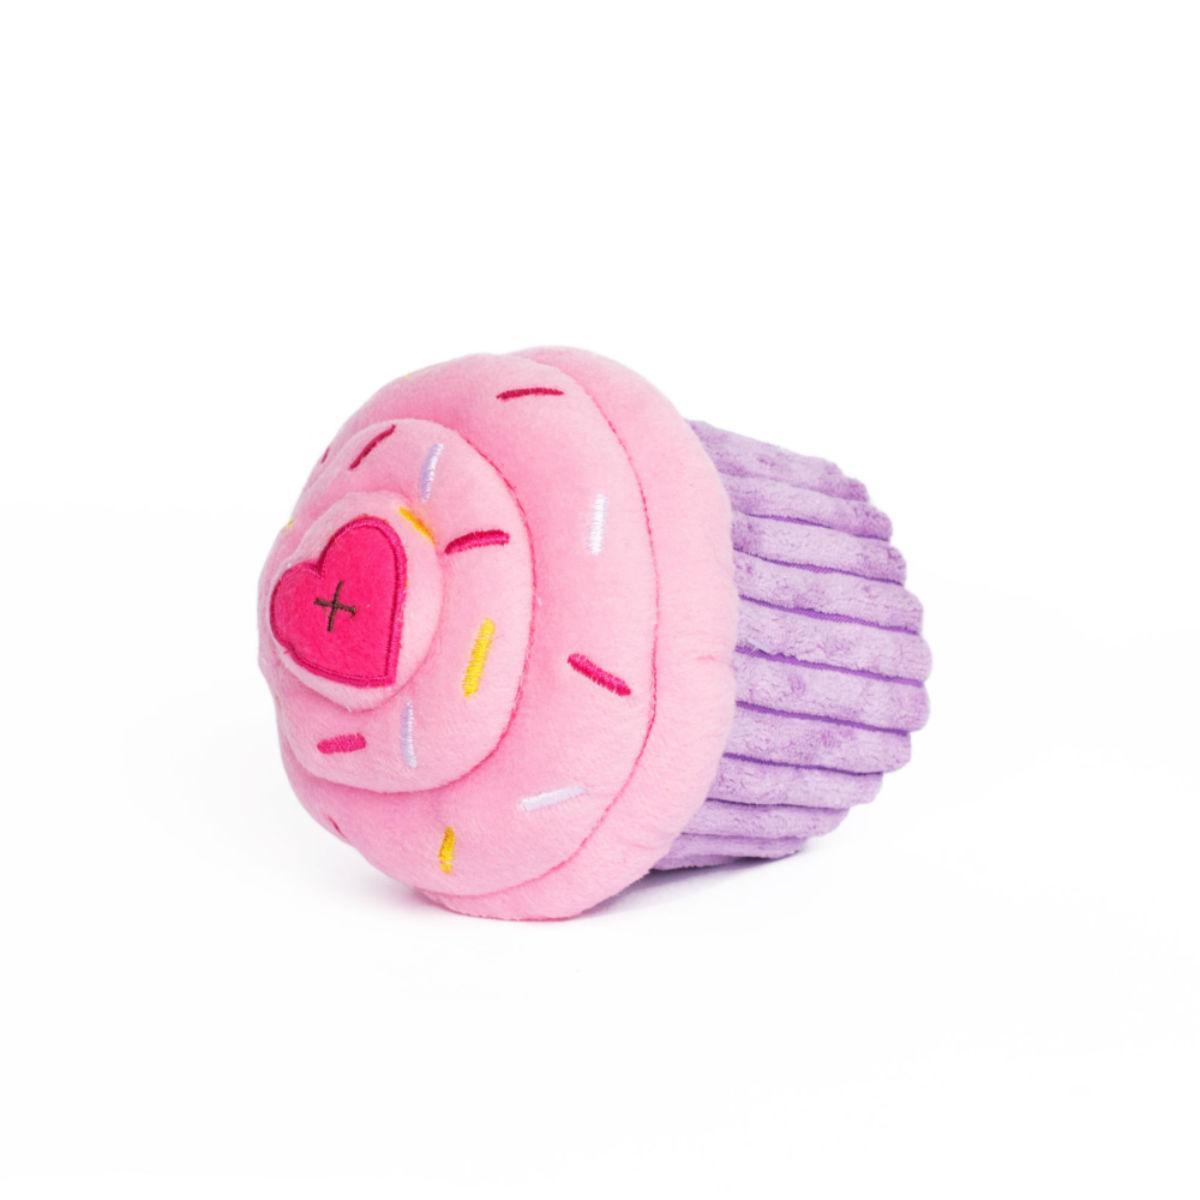 ZippyPaws Cupcake Dog Toy - Pink